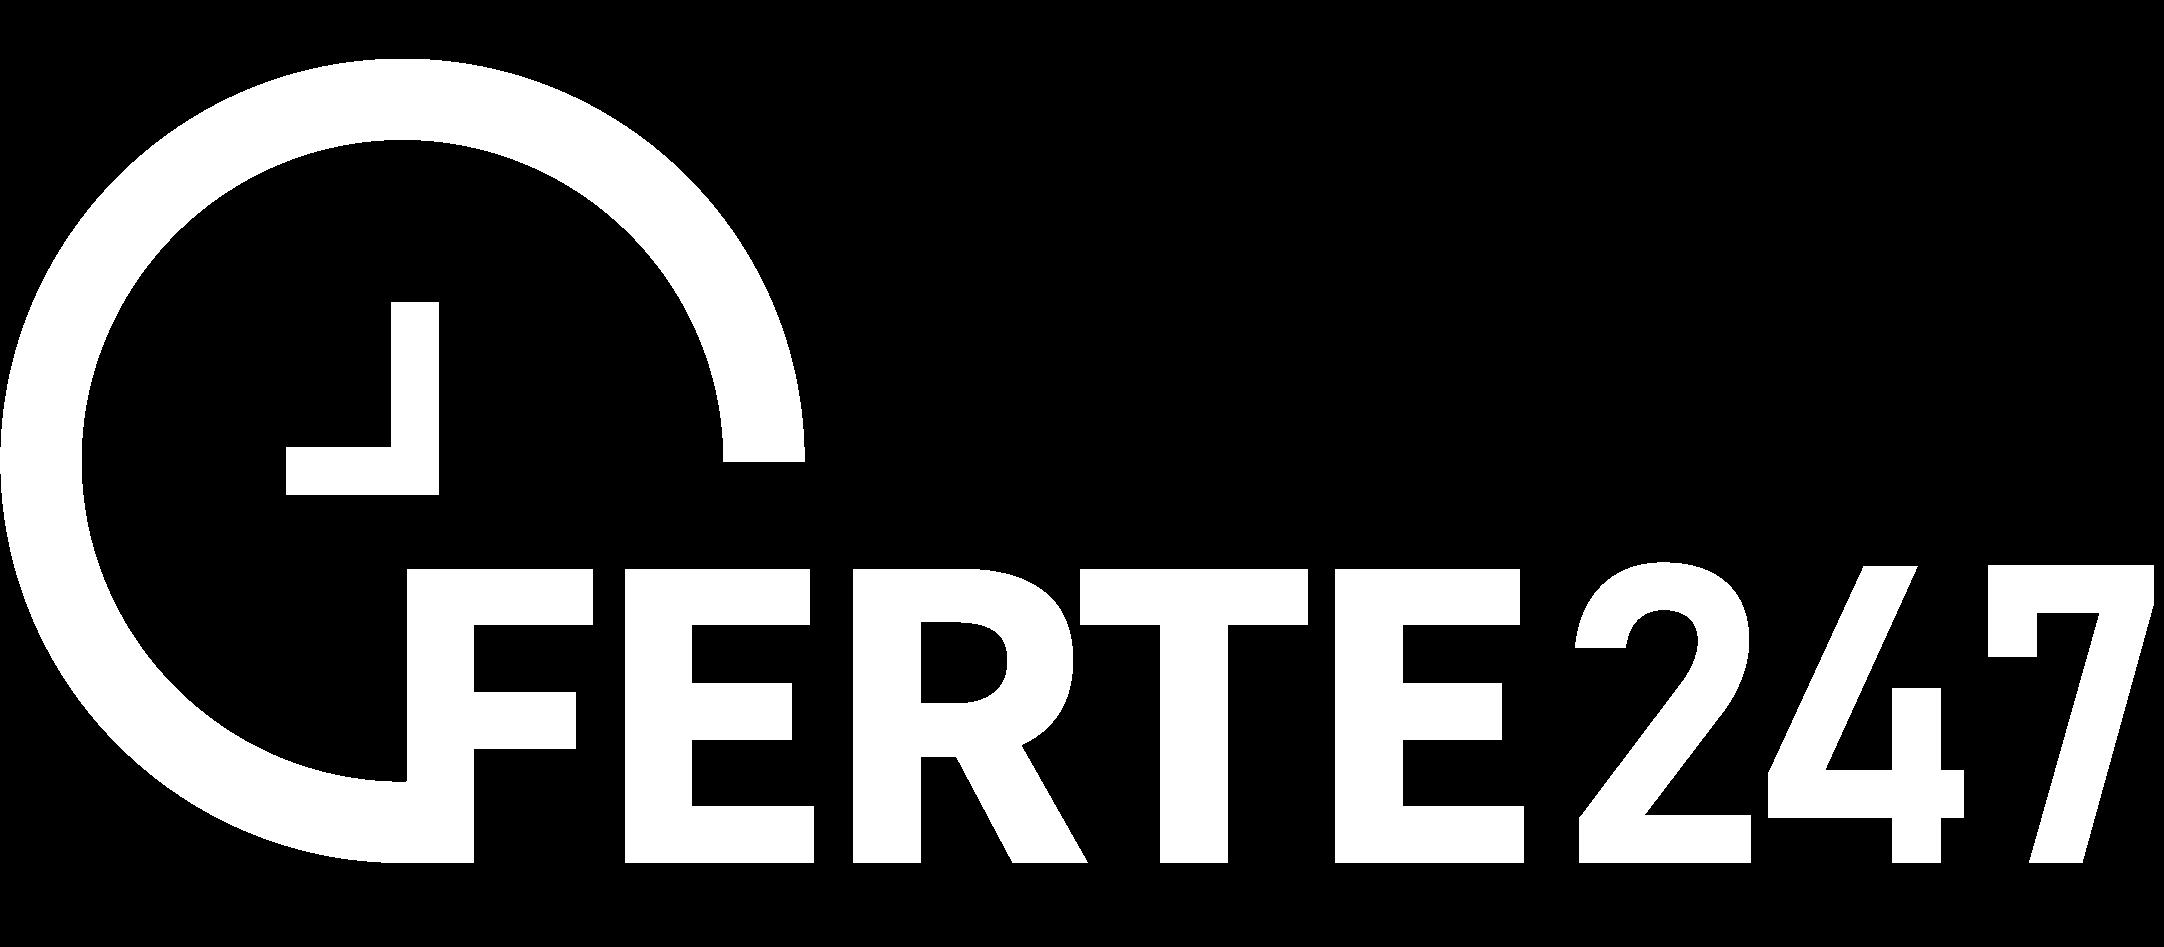 Oferte247 Logo